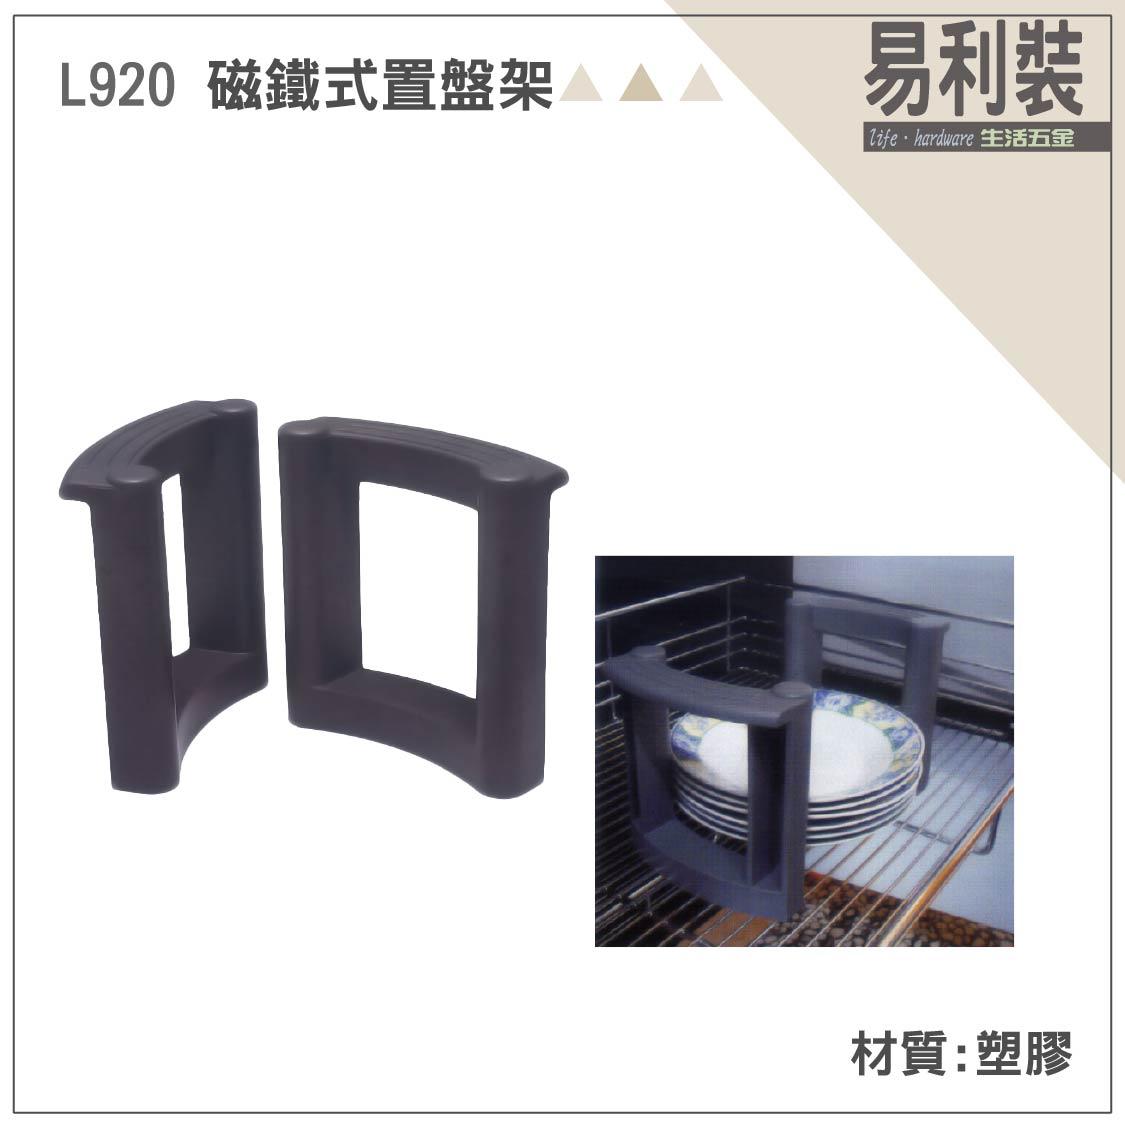 【 EASYCAN  】L920 磁鐵式置盤架 易利裝生活五金 碗盤架 房間 臥房 衣櫃 小資族 辦公家具 系統家具 0